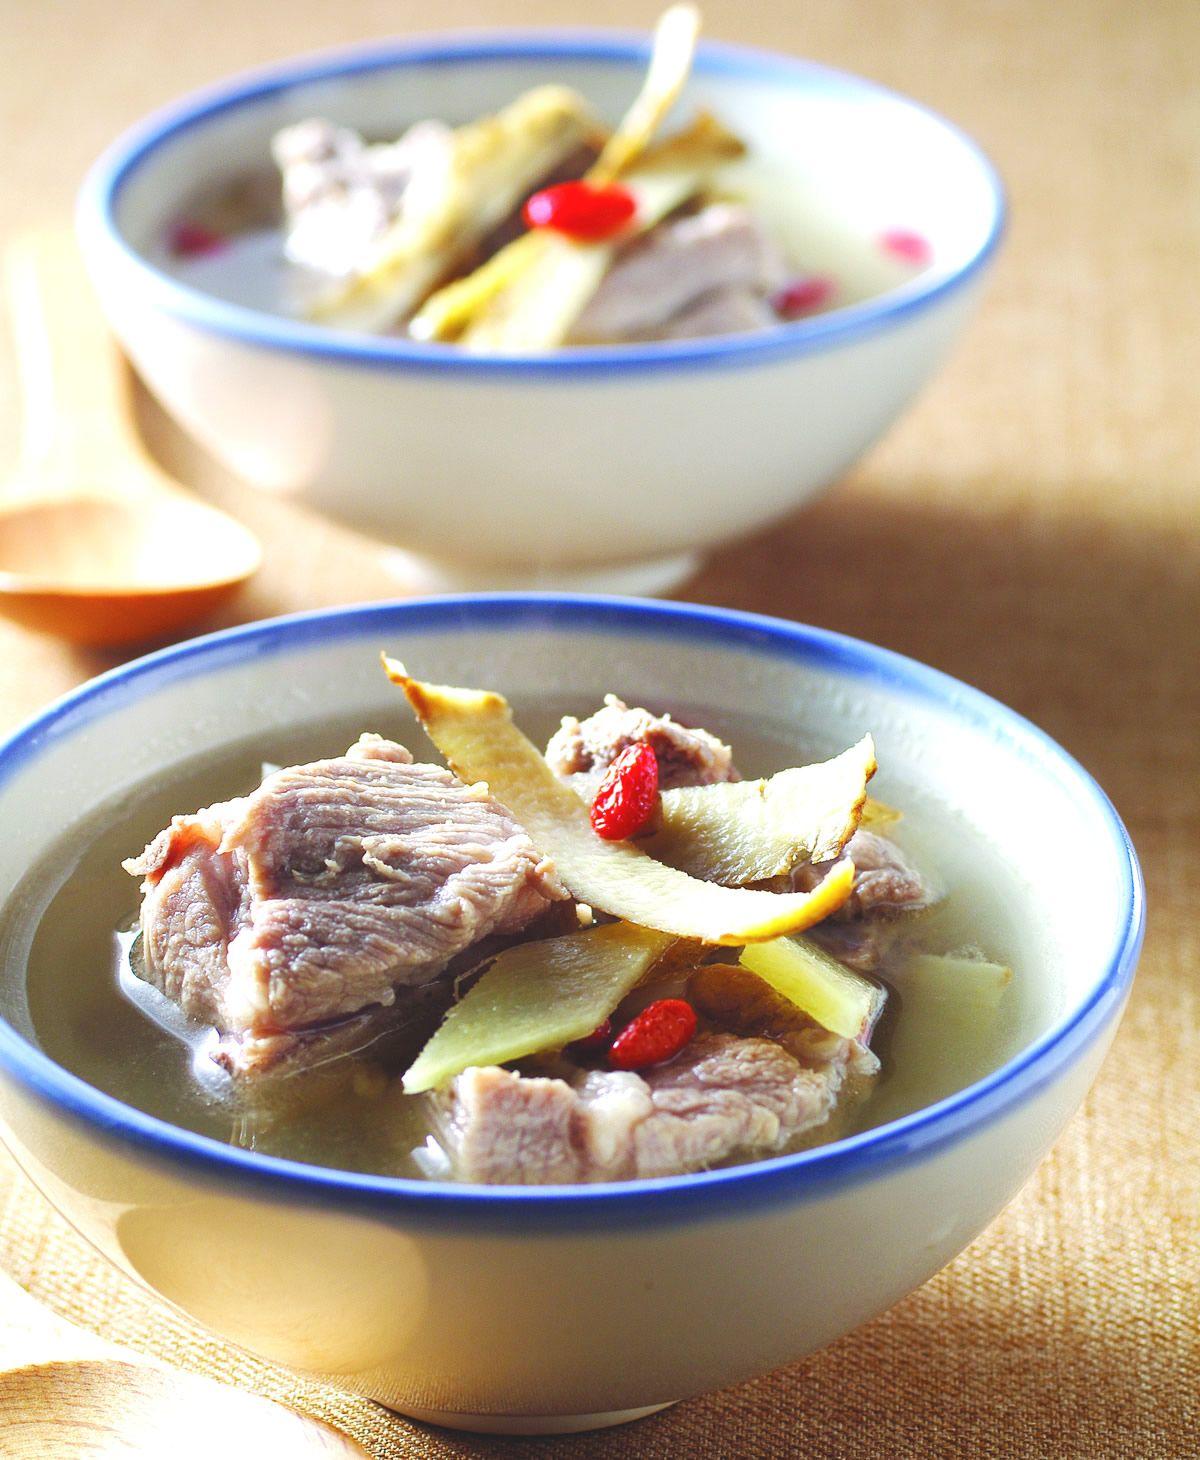 食譜:牛蒡皮枸杞排骨湯